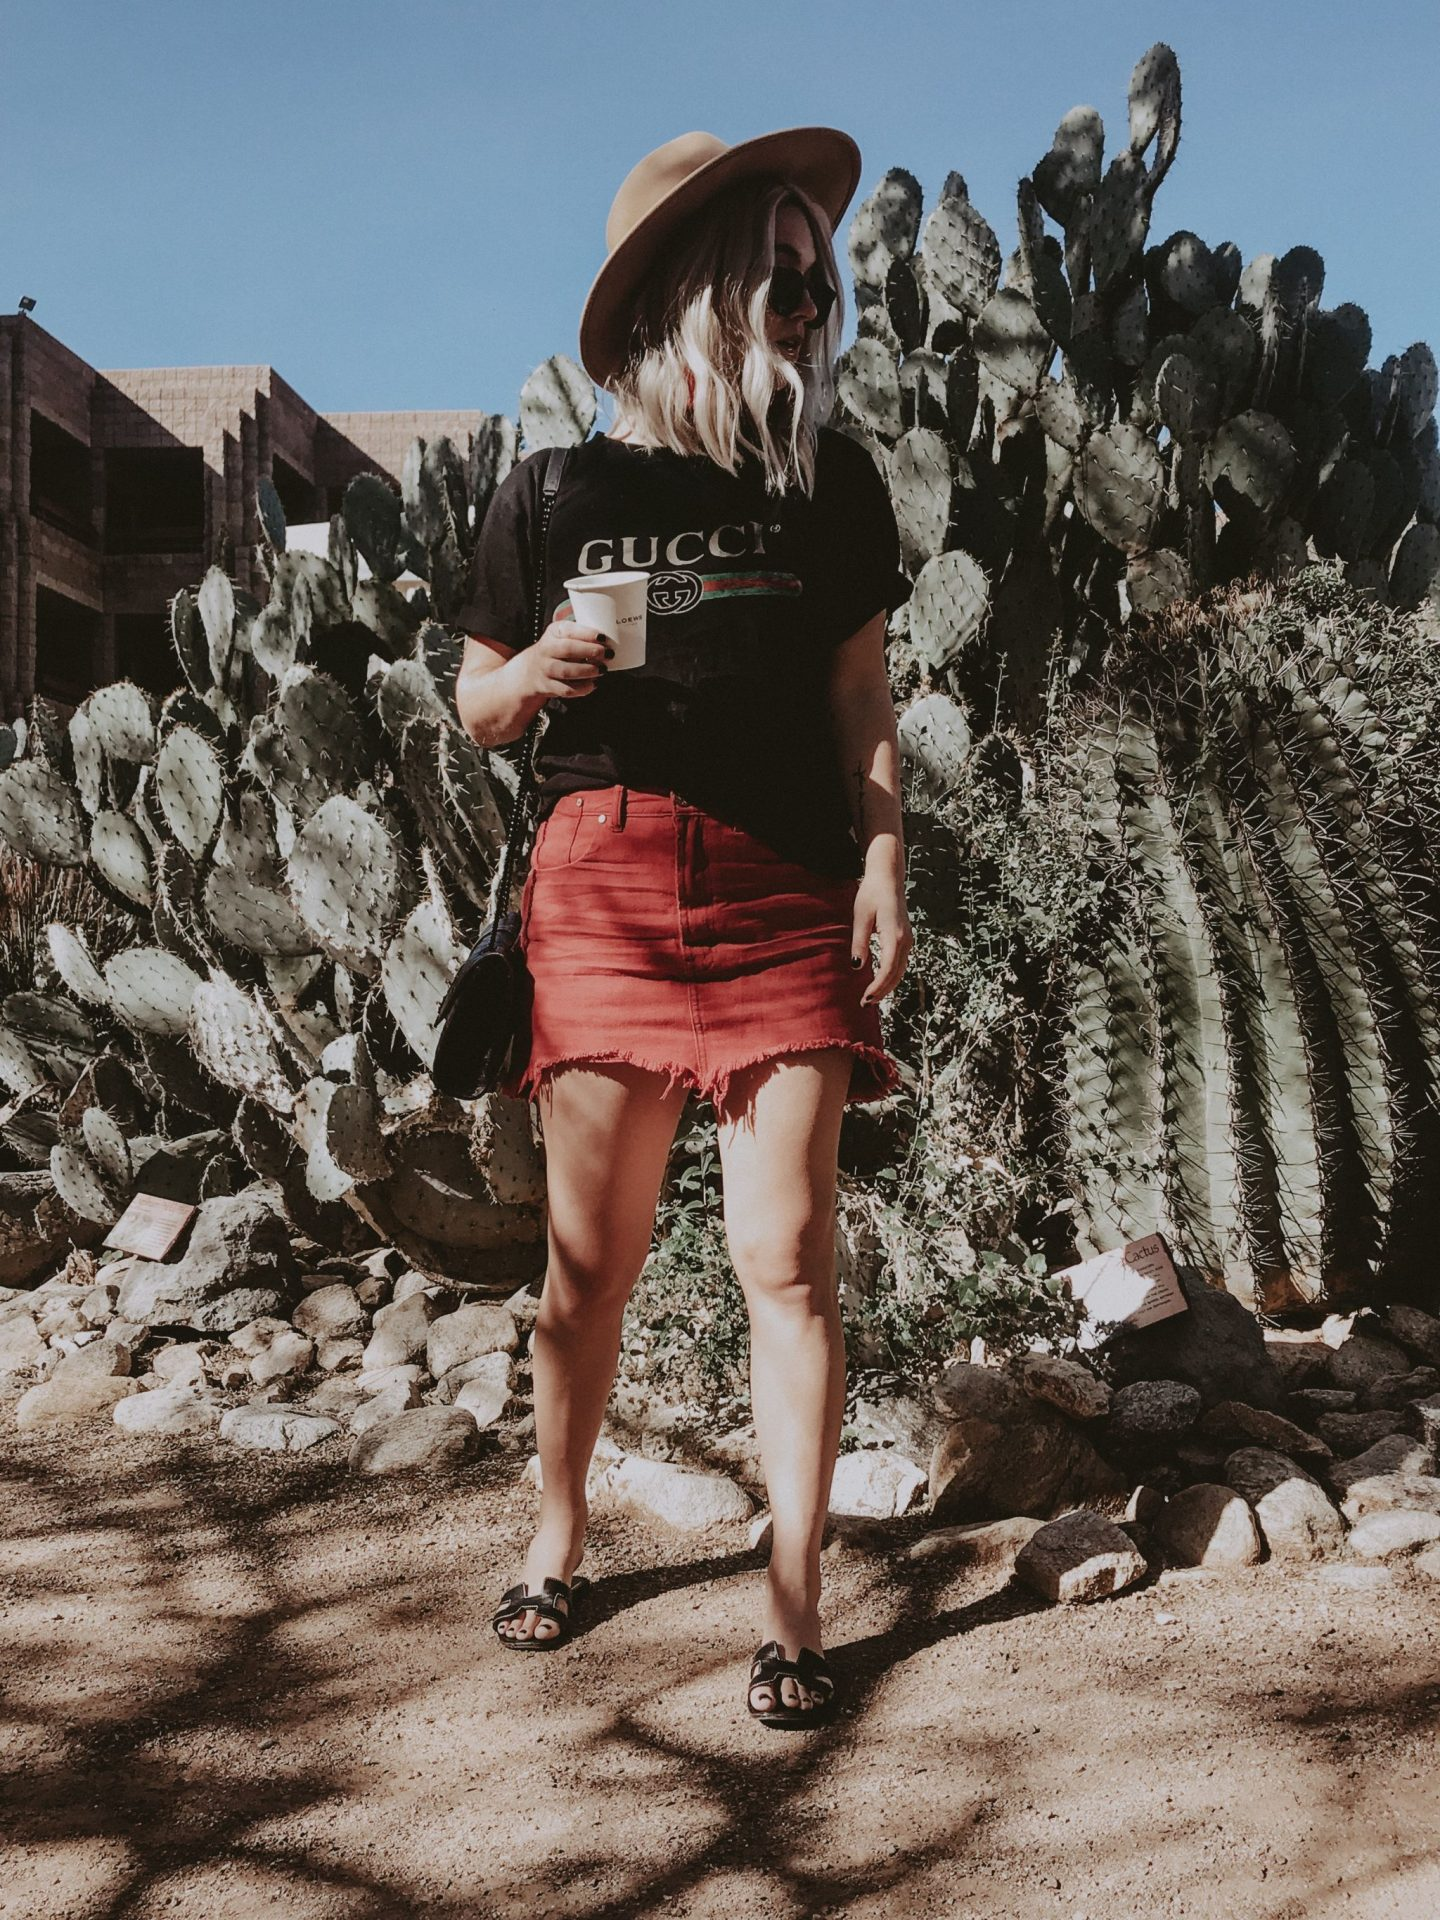 cathclaire Loews Tucson